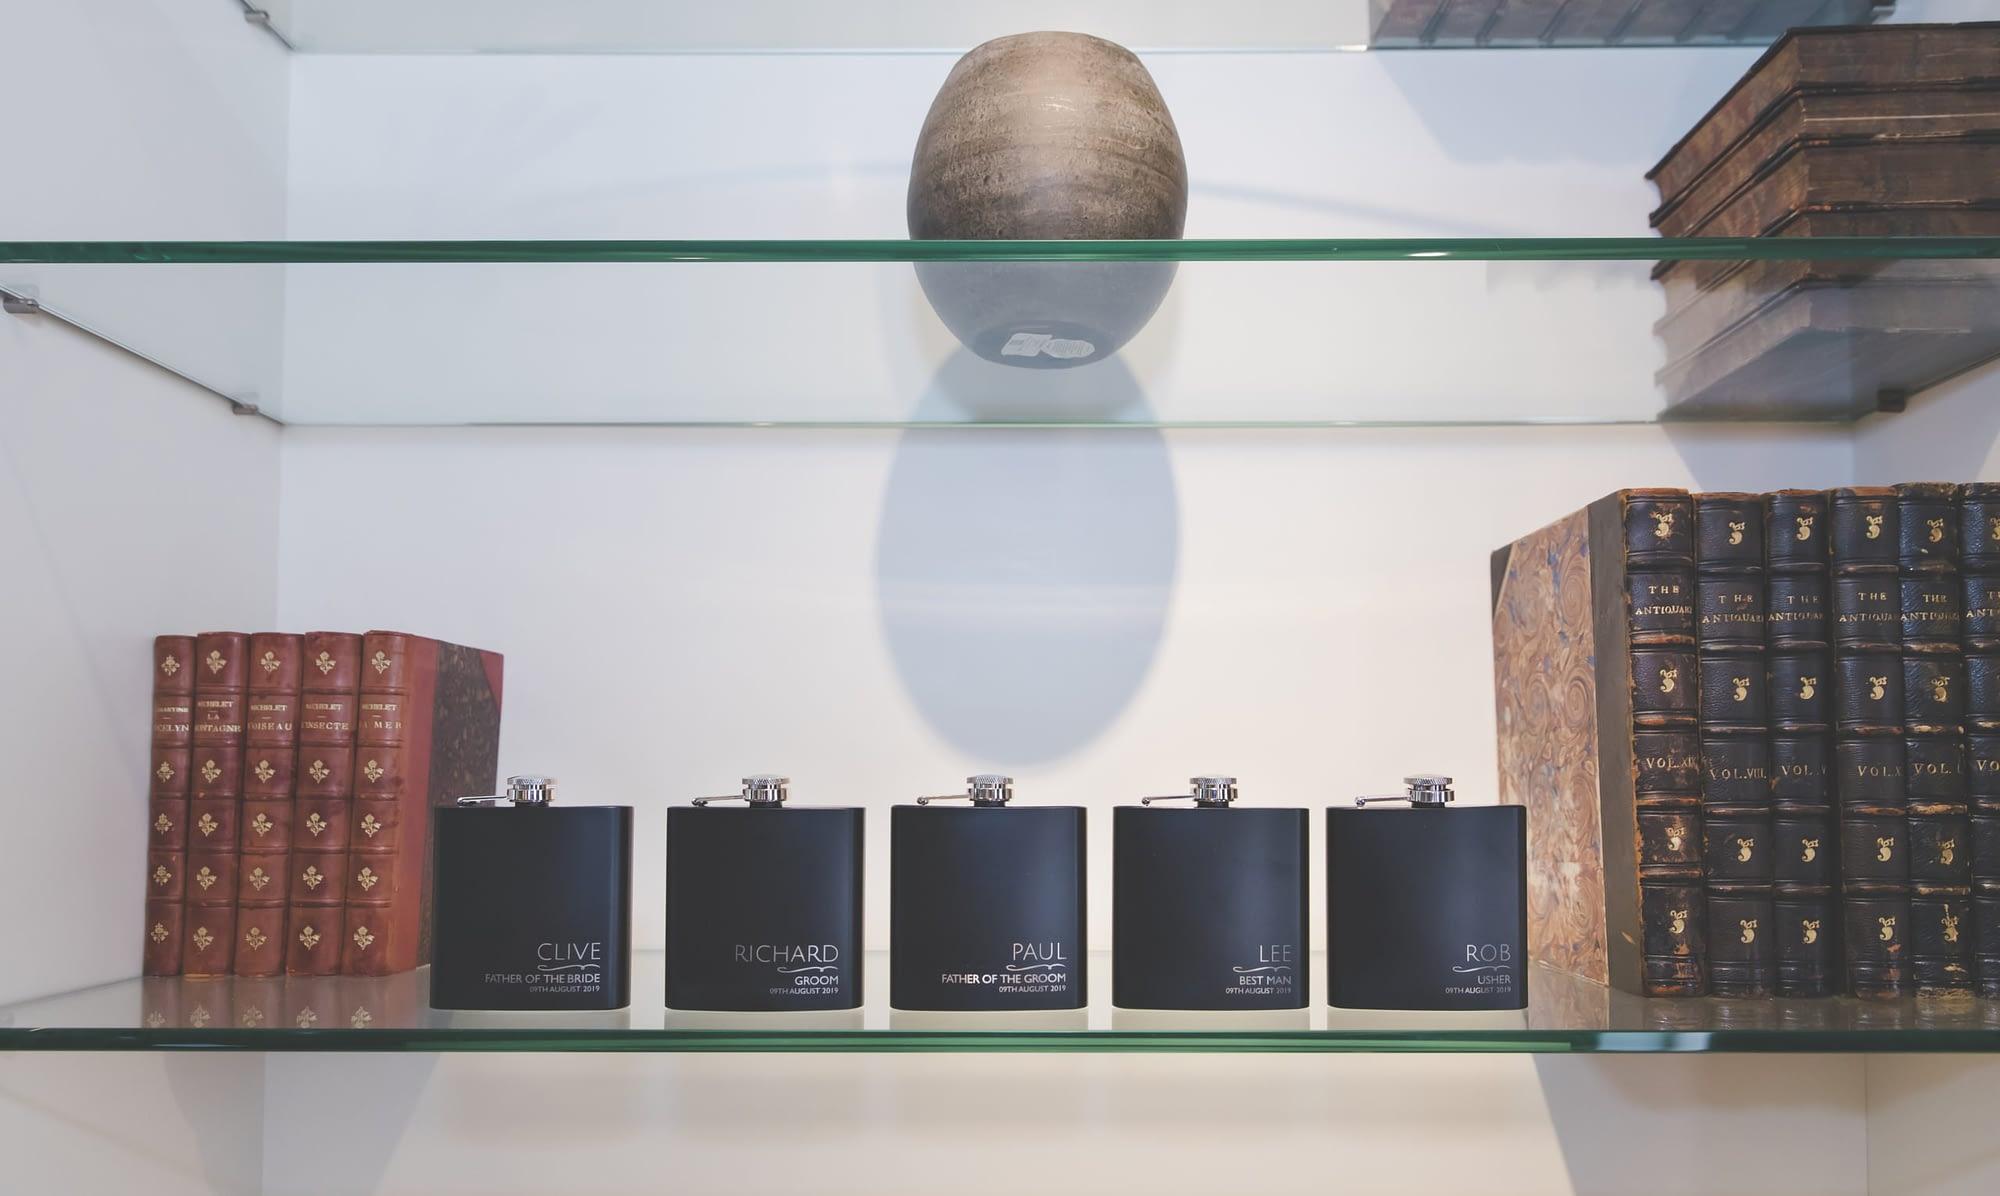 5 hip flasks on a glass shelf with books